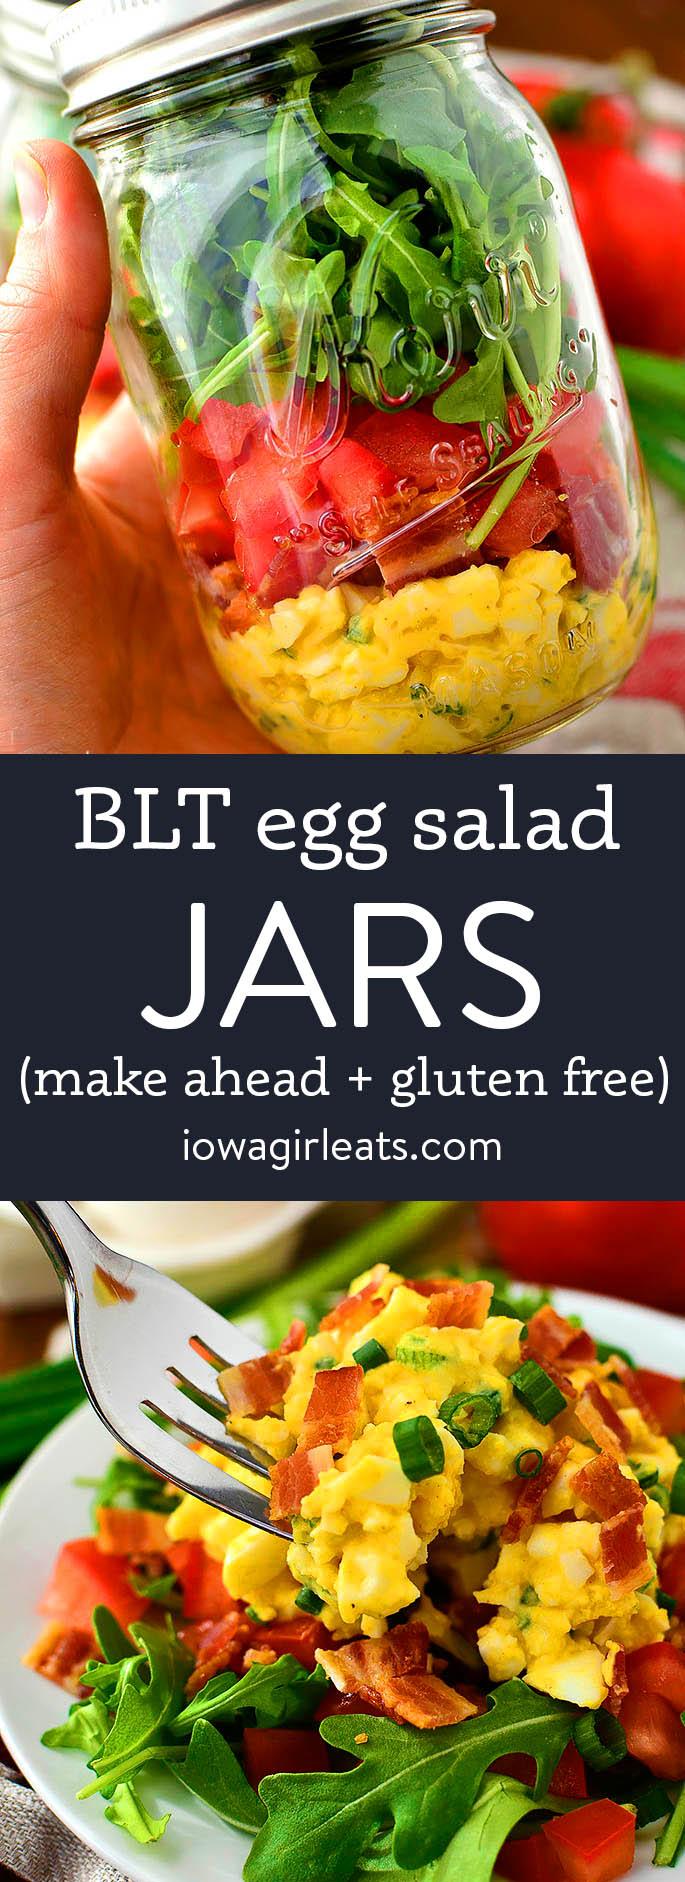 photo collage of blt egg salad jars